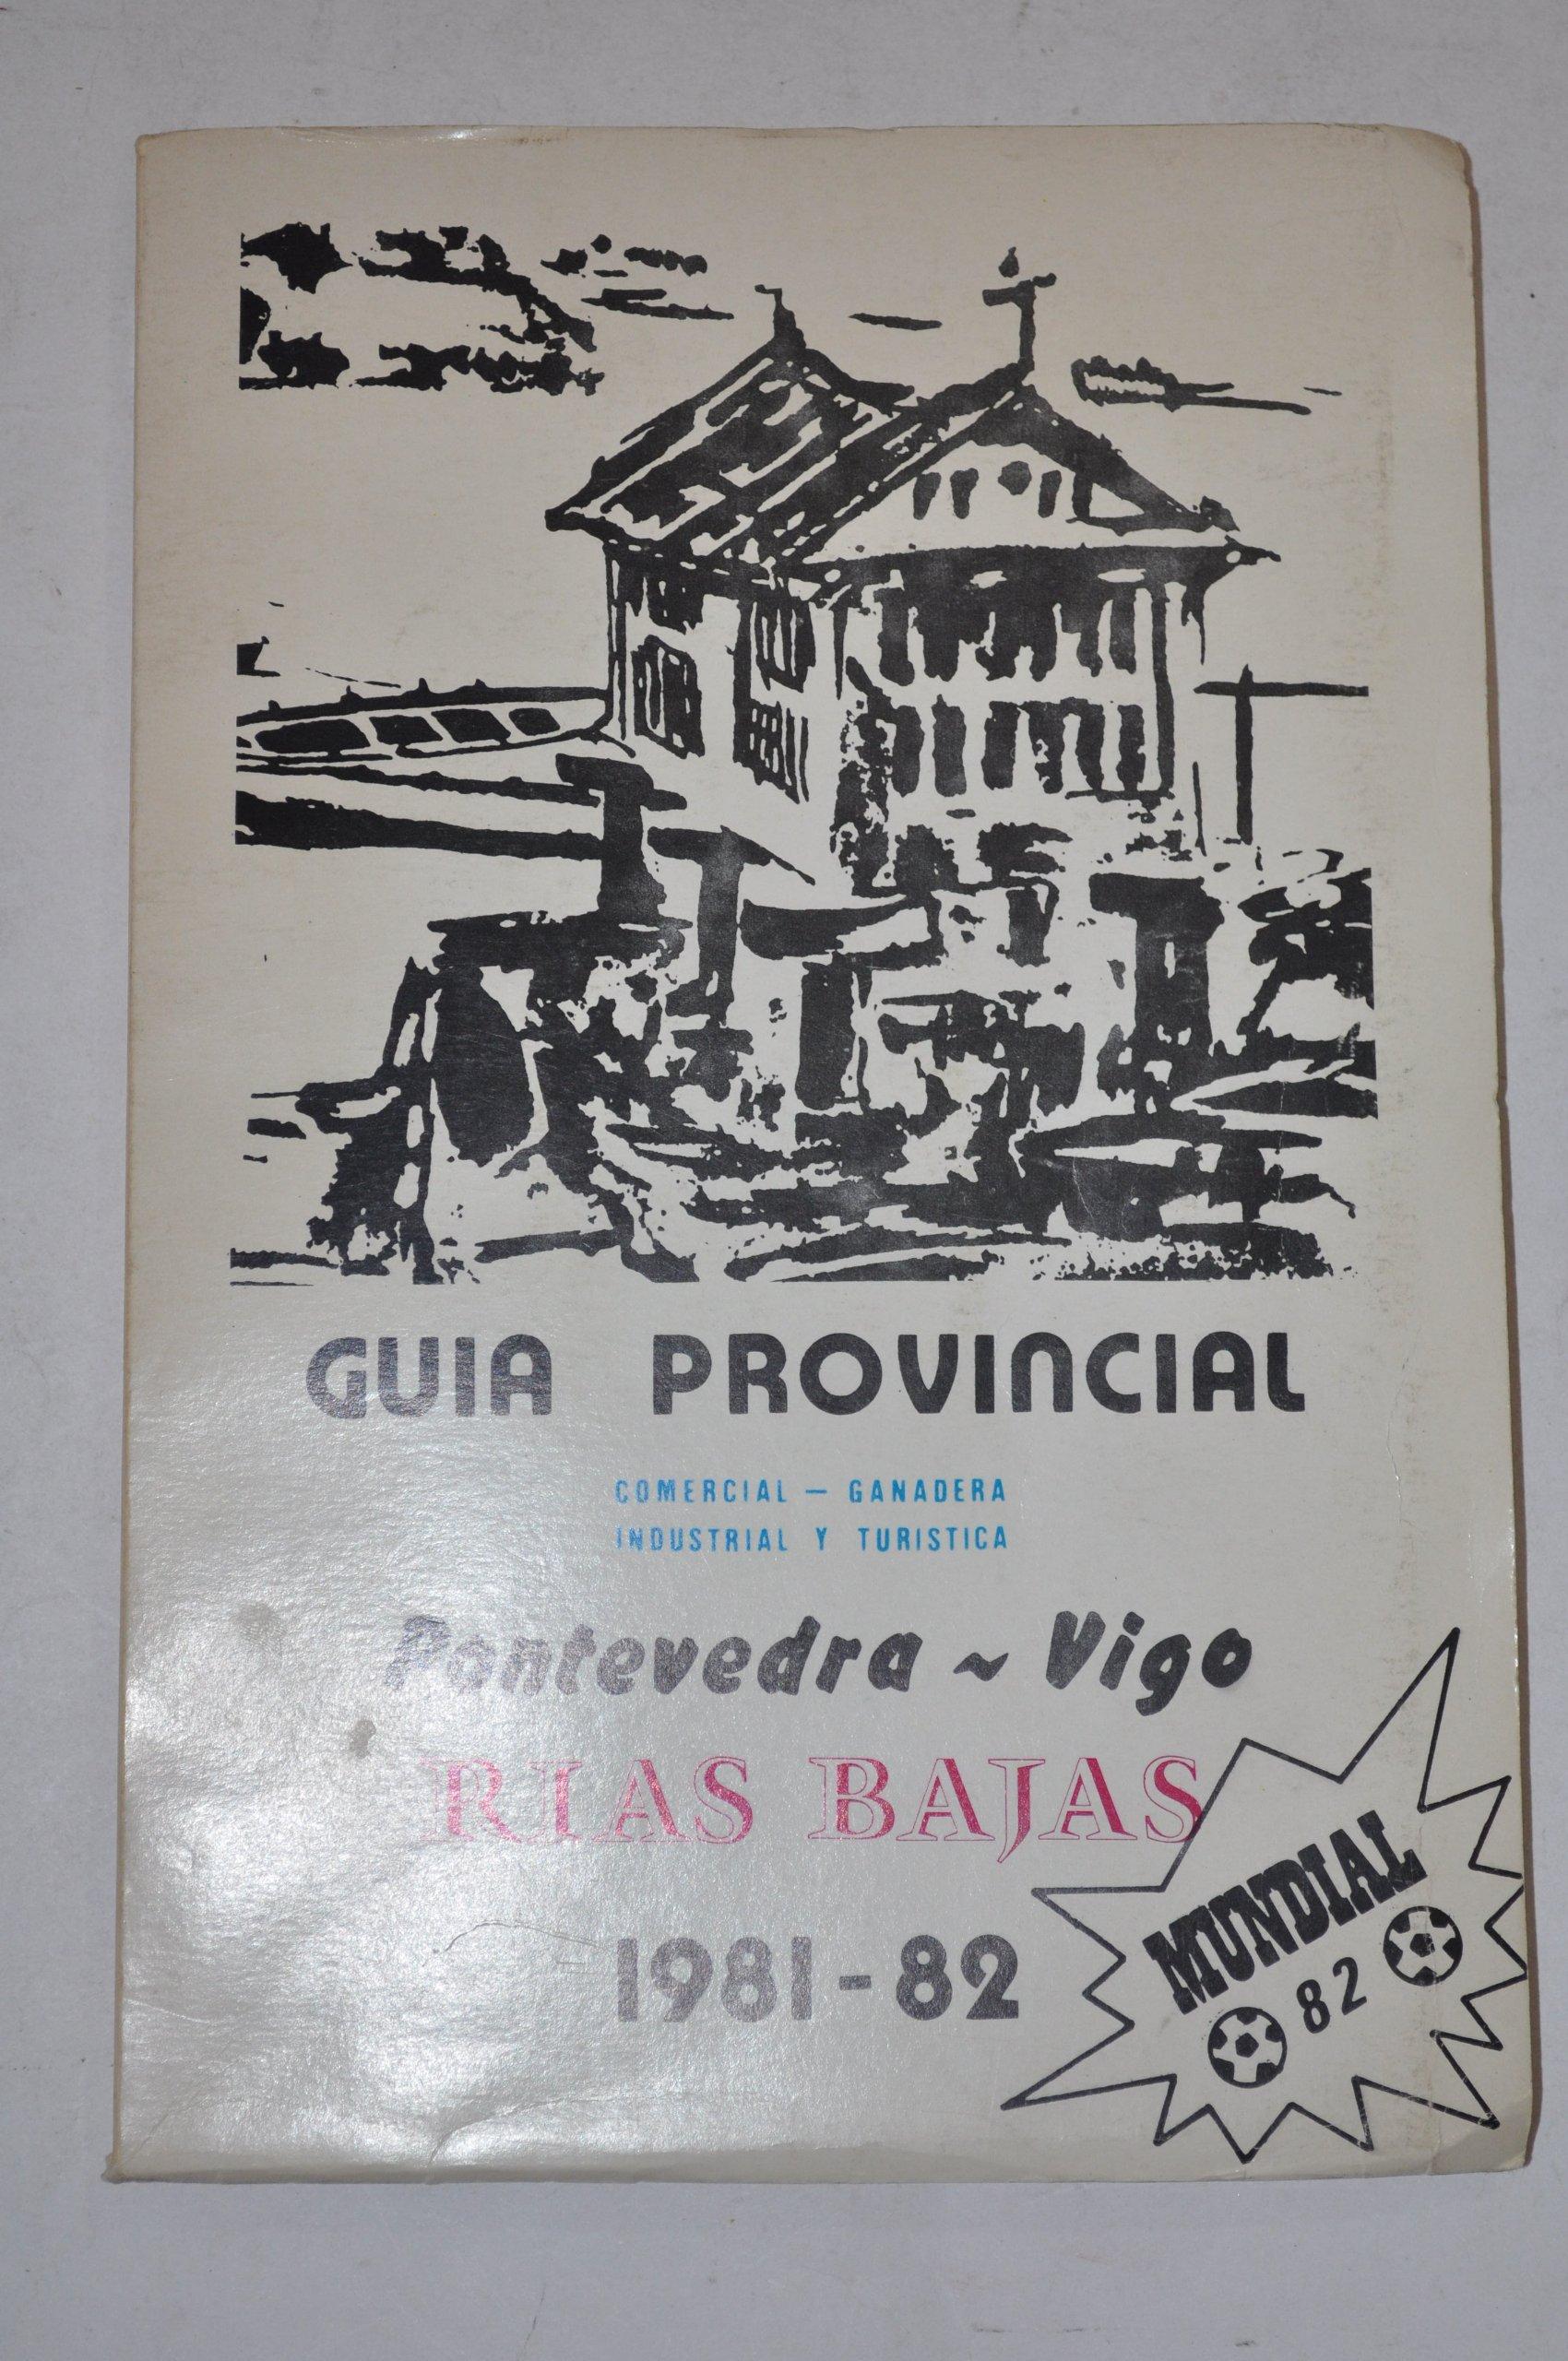 Guía Provincial. Comercial, Ganadera, Industrial y Turística. Pontevedra-Vigo. Rías Bajas. 1981-82. Mundial 82.: Amazon.es: Diputación Provincial: Libros